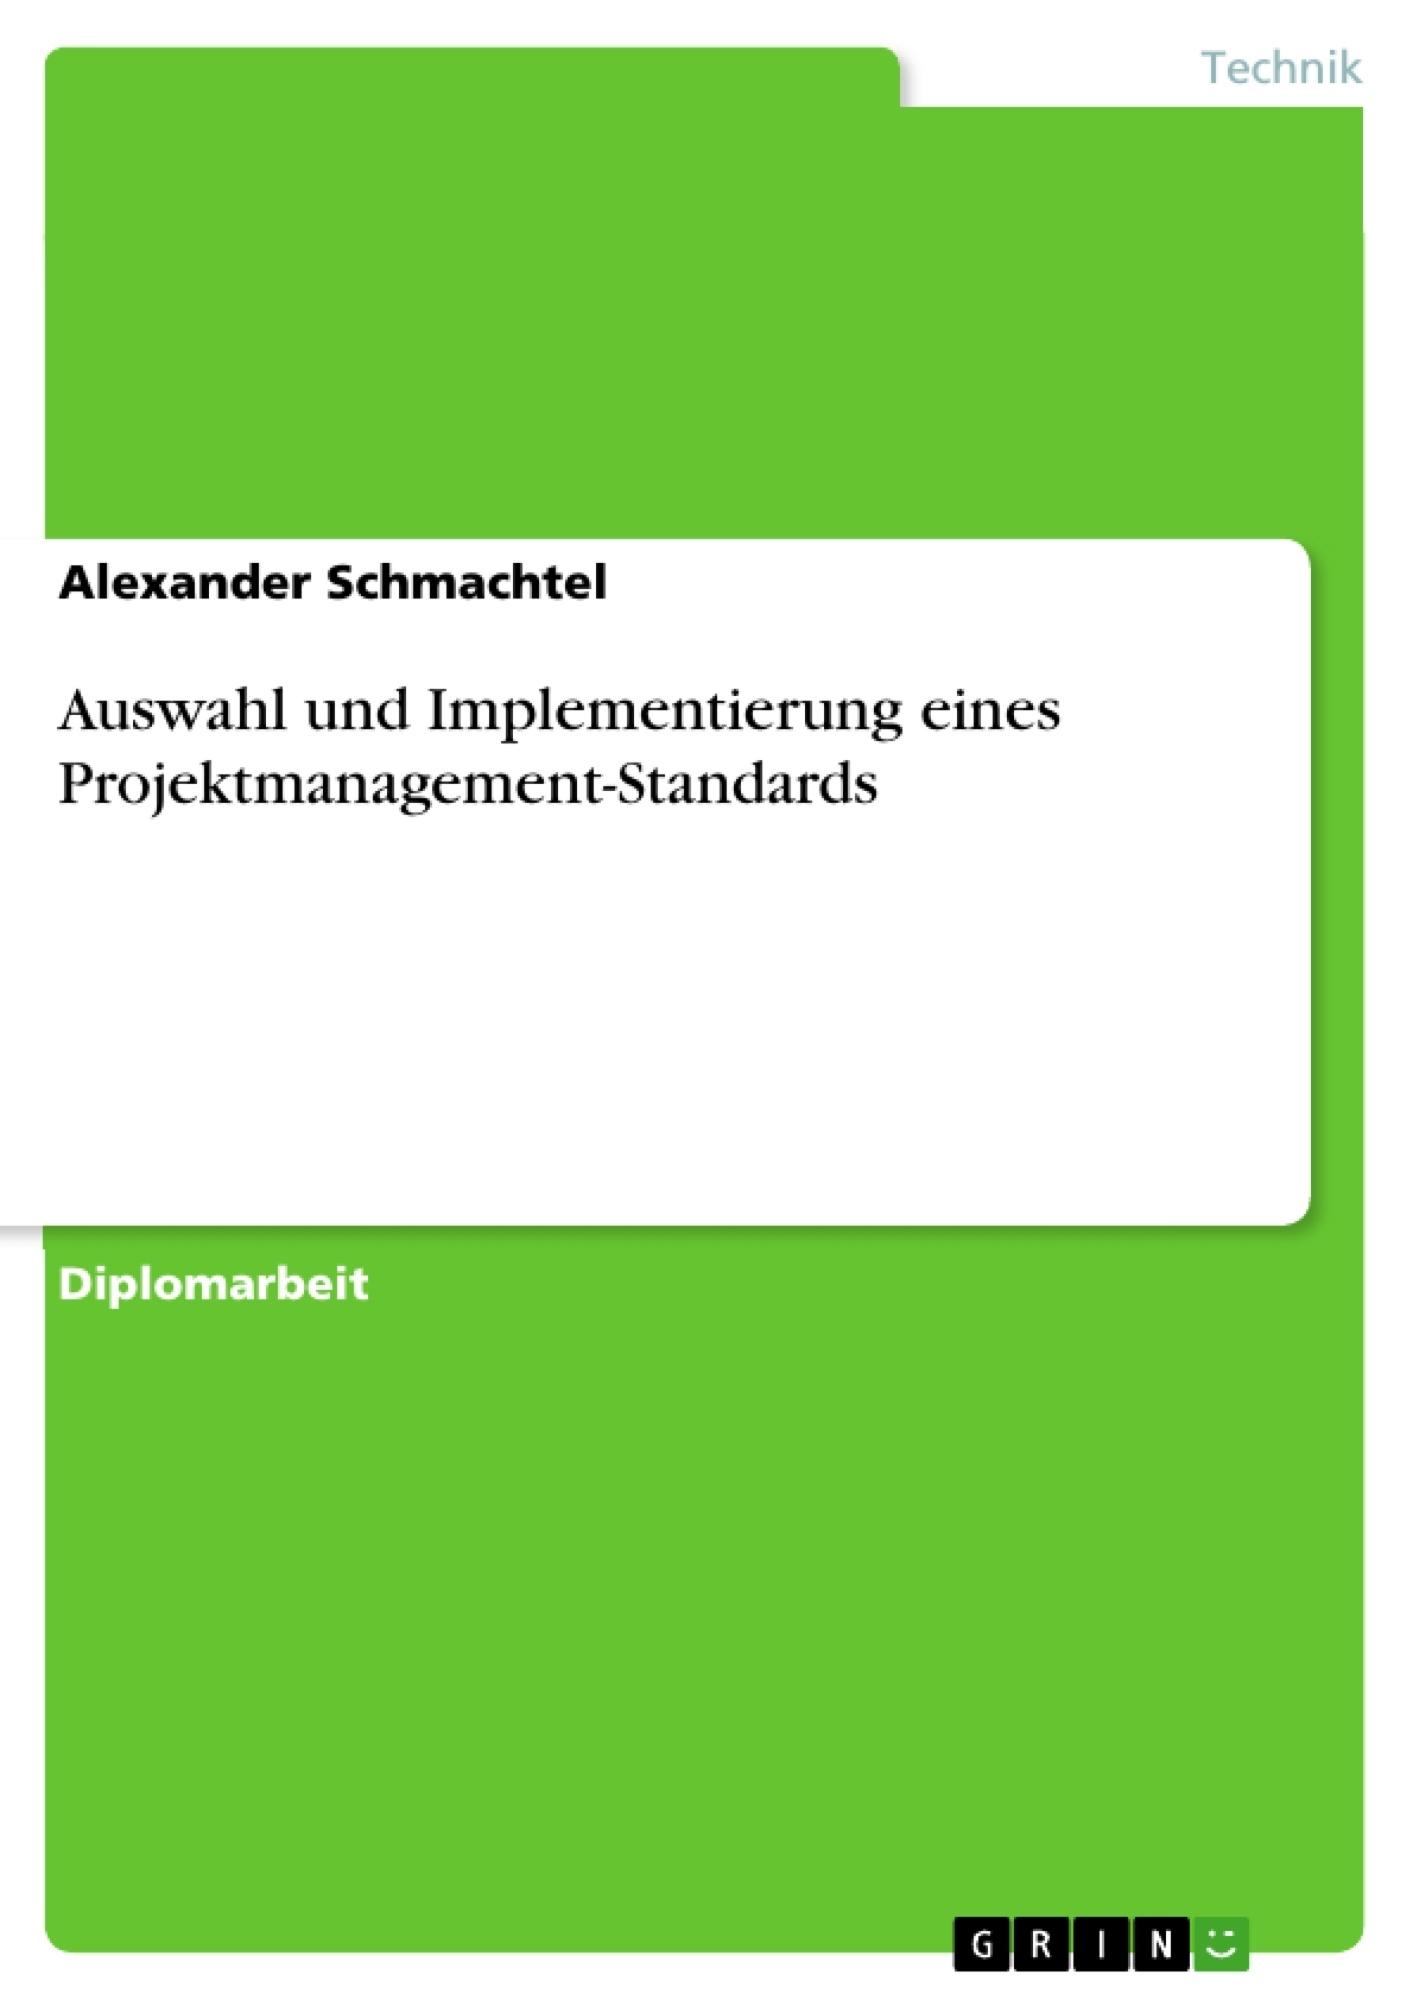 Titel: Auswahl und Implementierung eines Projektmanagement-Standards